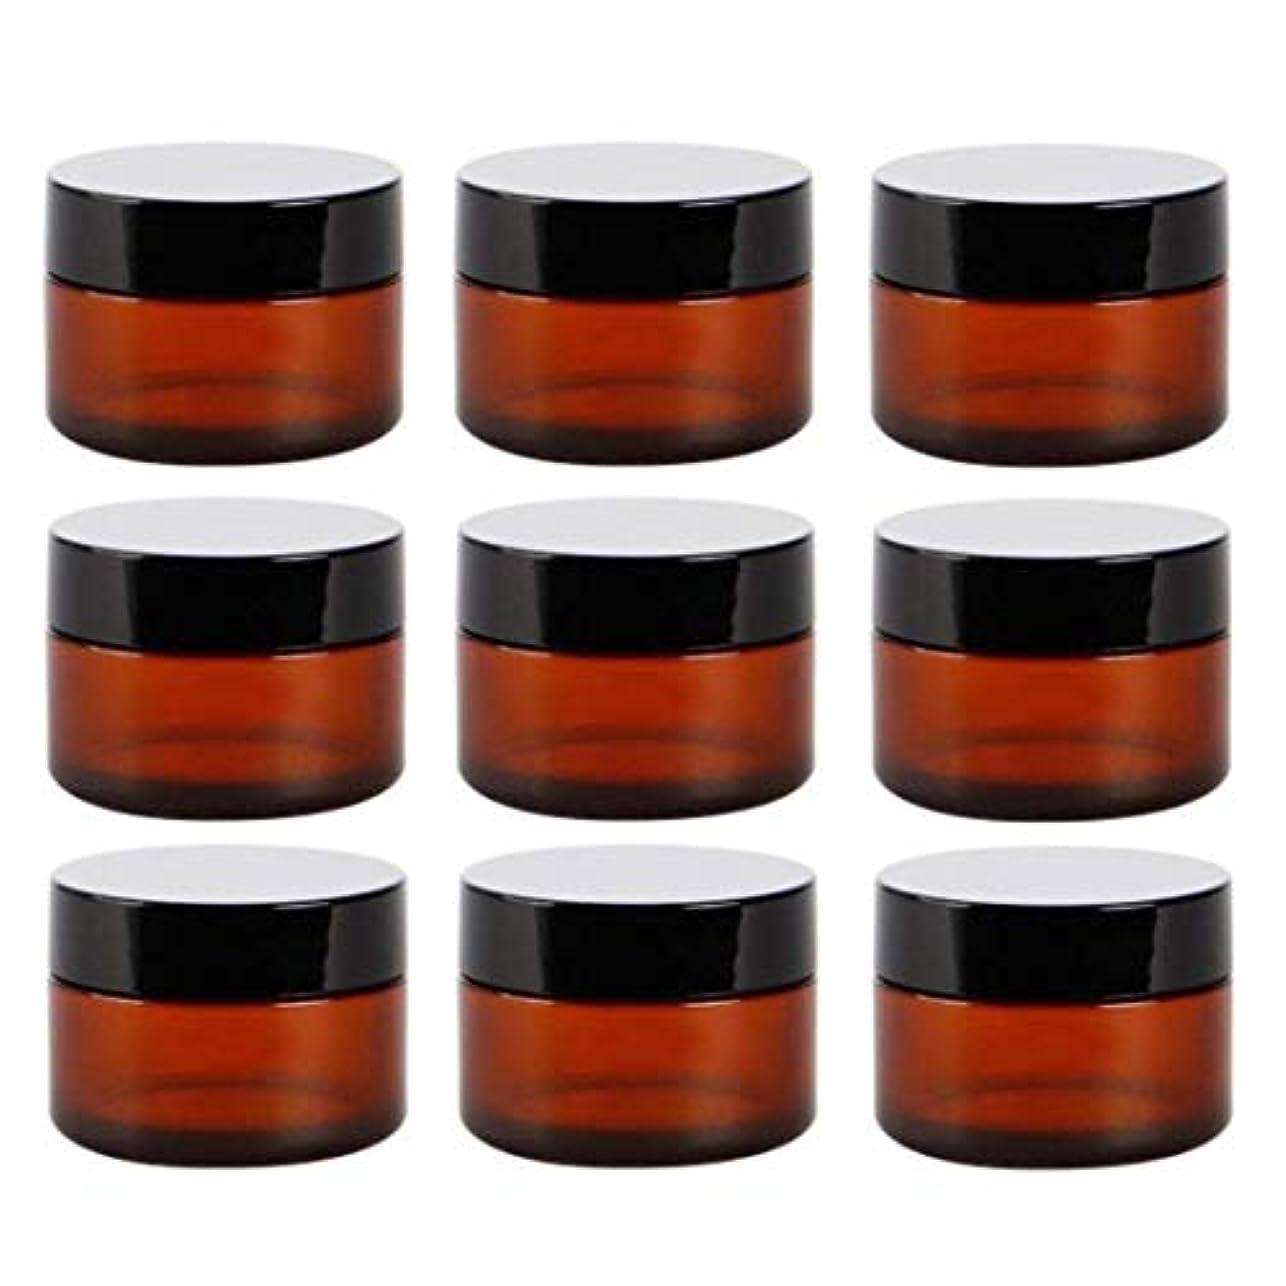 楽しむ欠席のためYiteng スポイト遮光瓶 アロマオイル 精油 香水やアロマの保存 小分け用 遮光瓶 保存 詰替え ガラス製 9本セット (茶色10g)